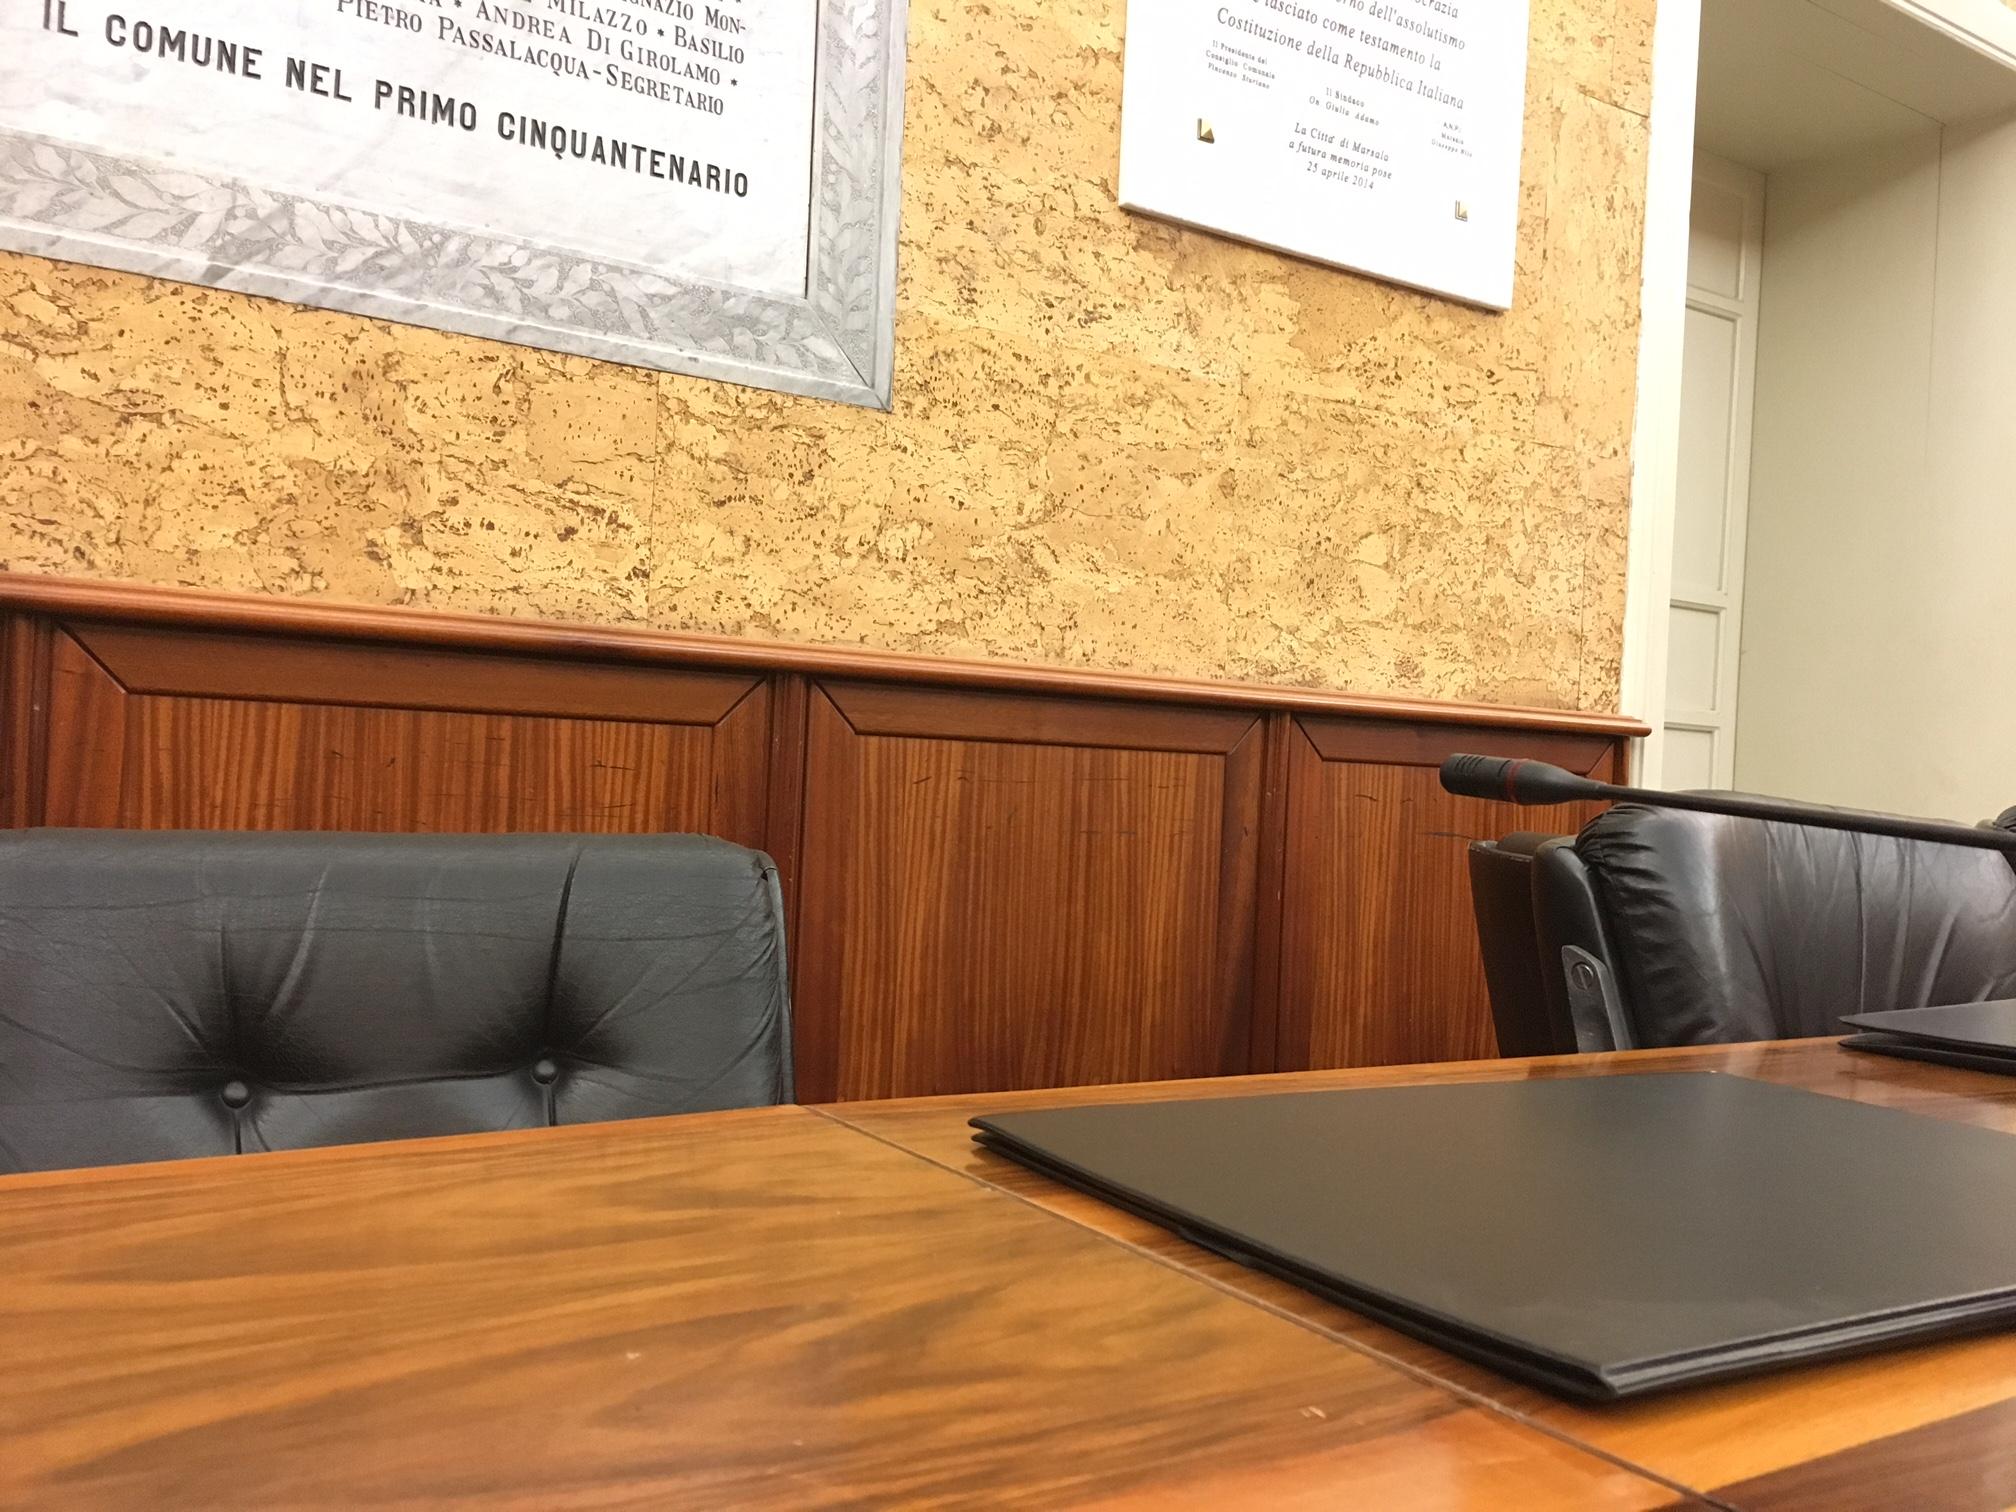 Consiglio, presentati gli emendamenti al Dup, oggi previsto il voto